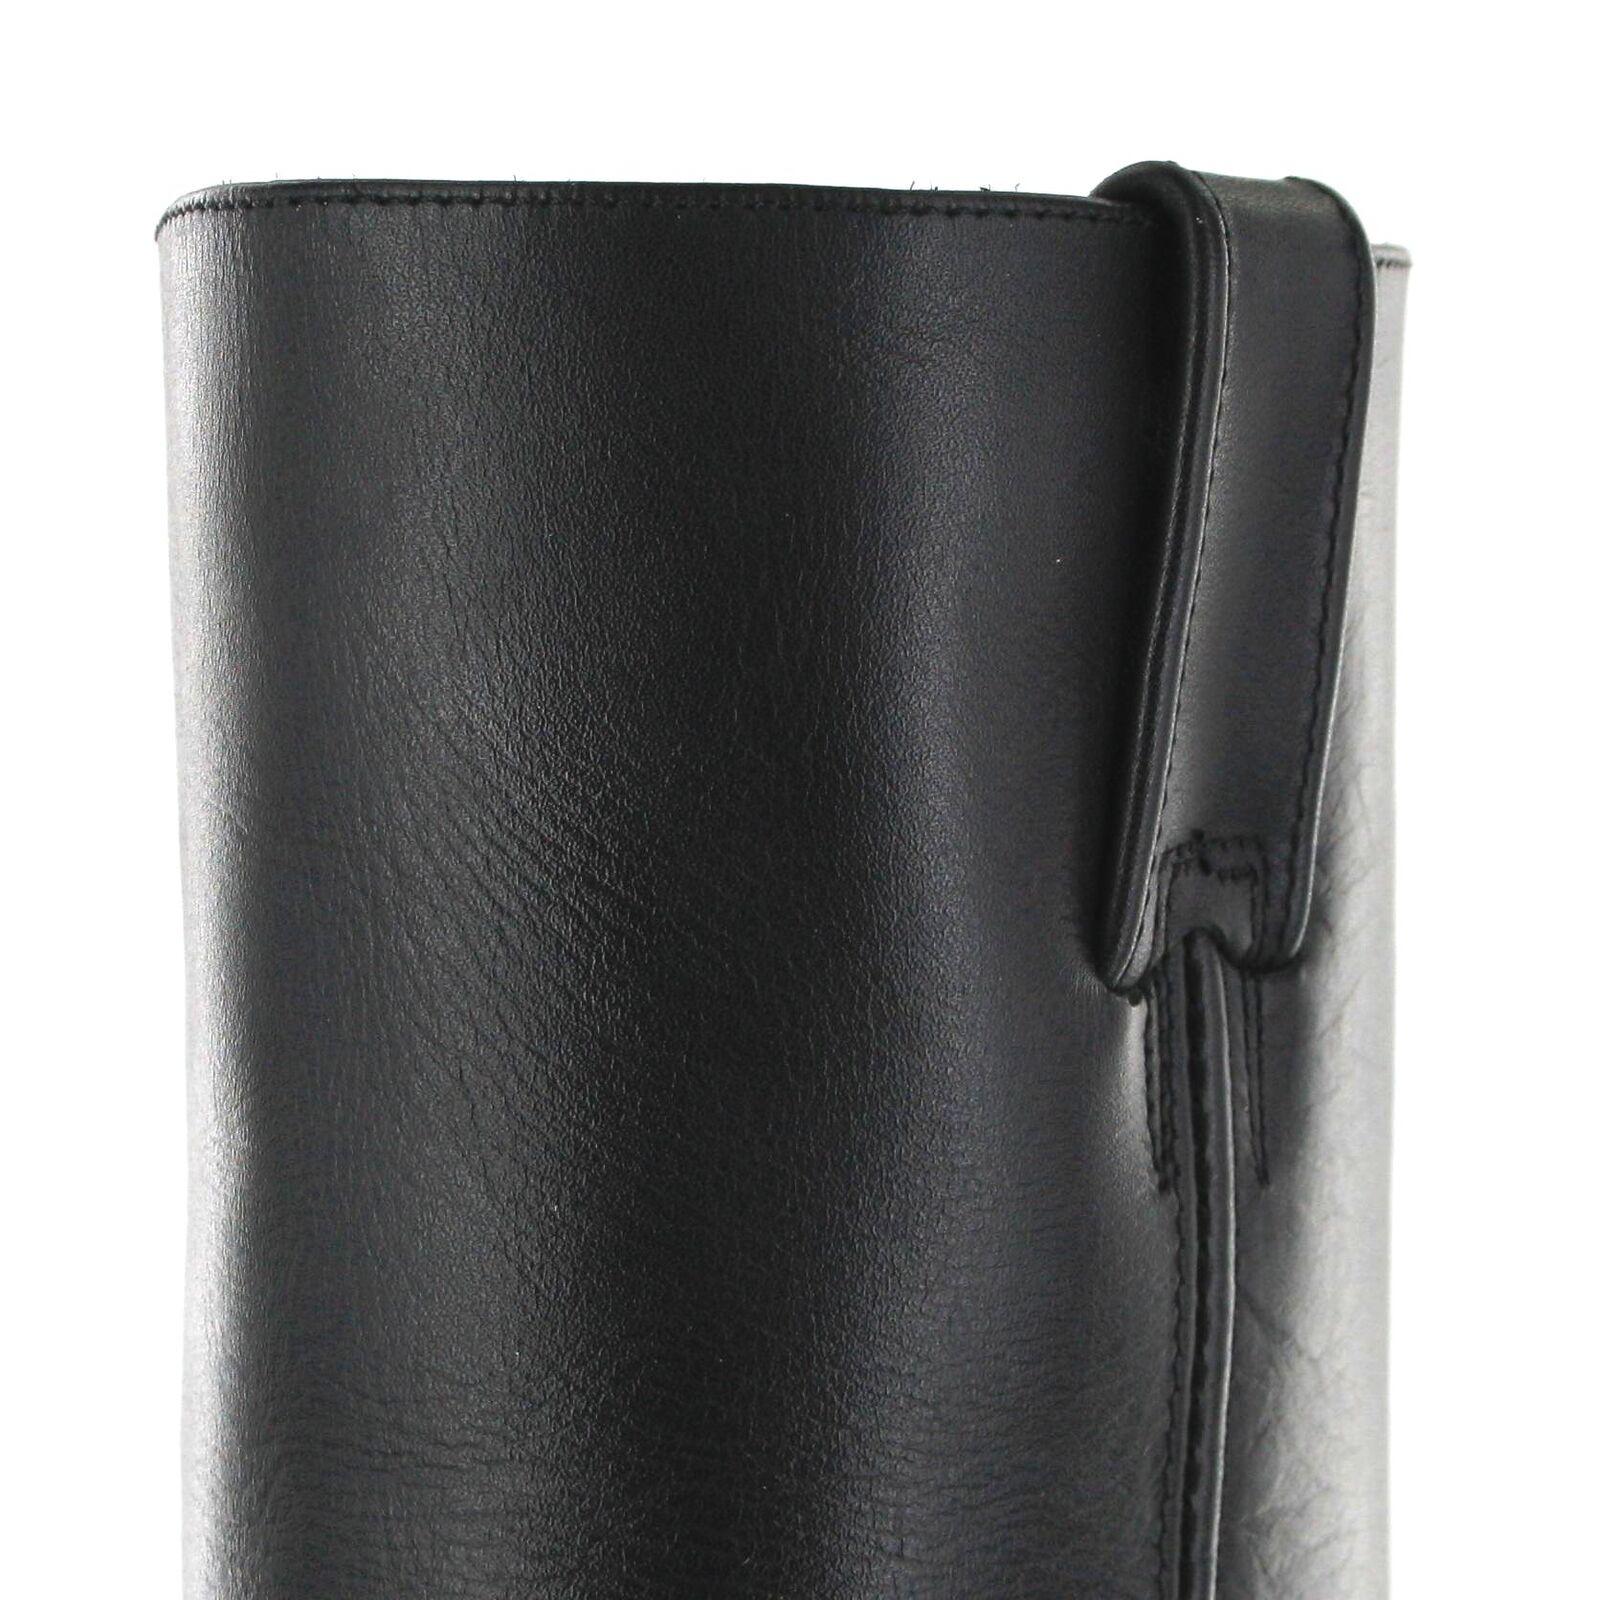 Prime stivali 44330 nero Stivali di pelle per signore signore signore e signori Nero Biker Stivali | Più pratico  | Scolaro/Signora Scarpa  7c825c